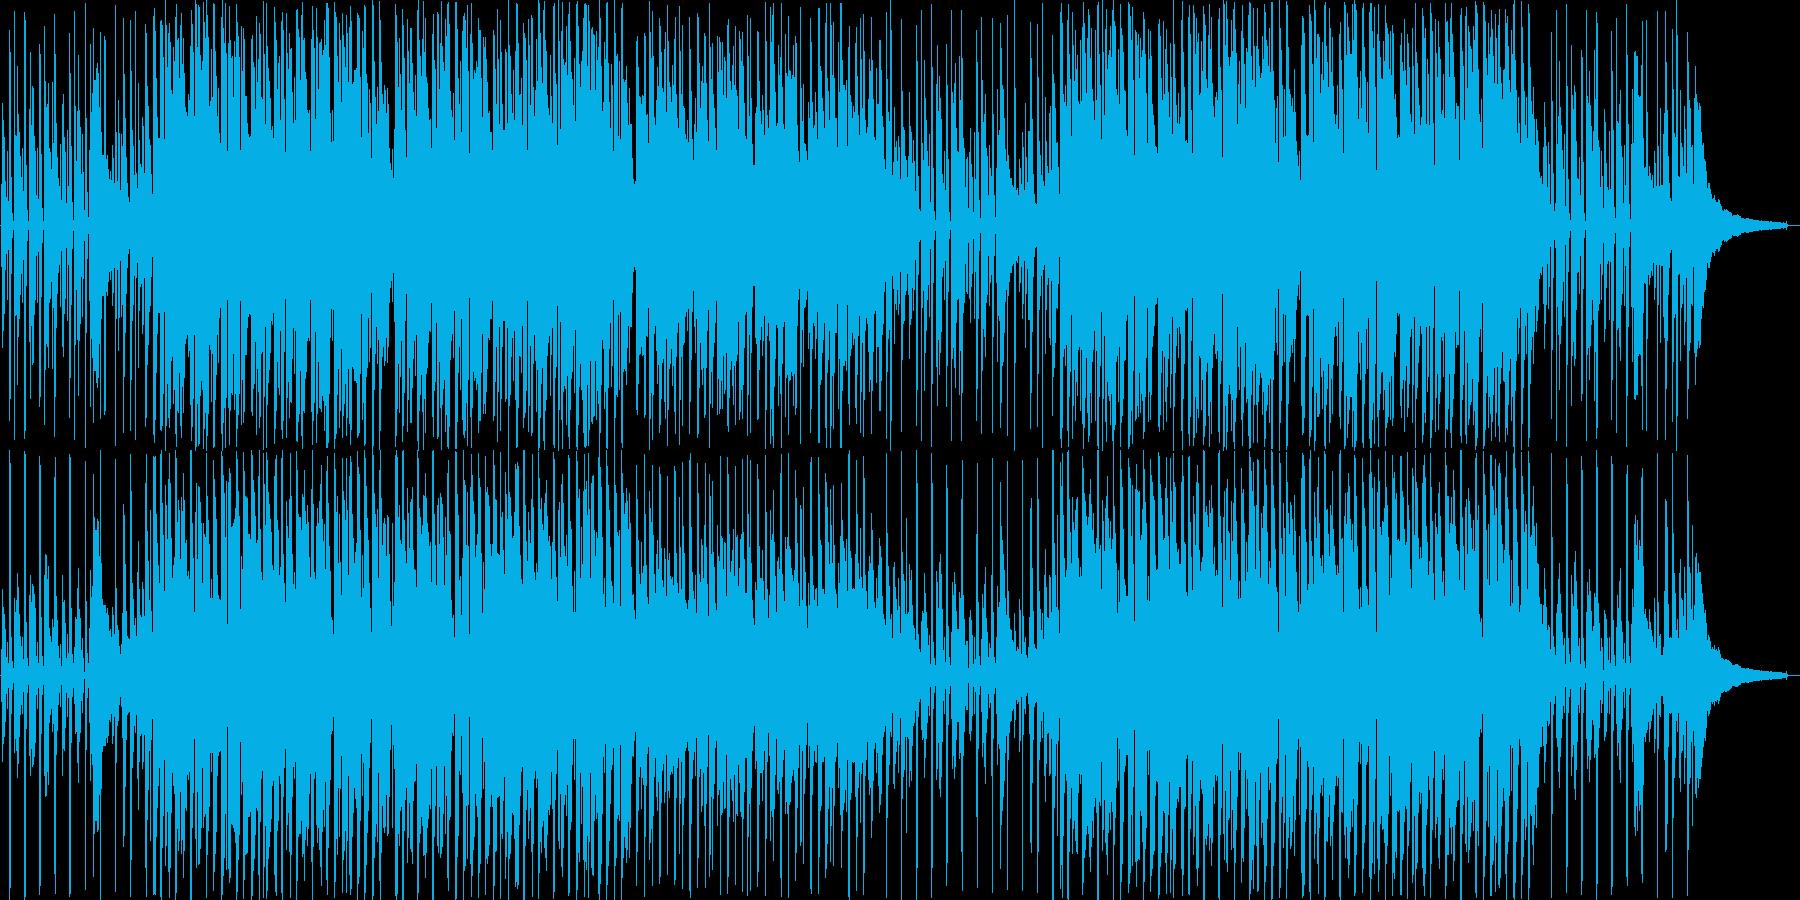 ほのぼのハッピーなアコースティックBGMの再生済みの波形